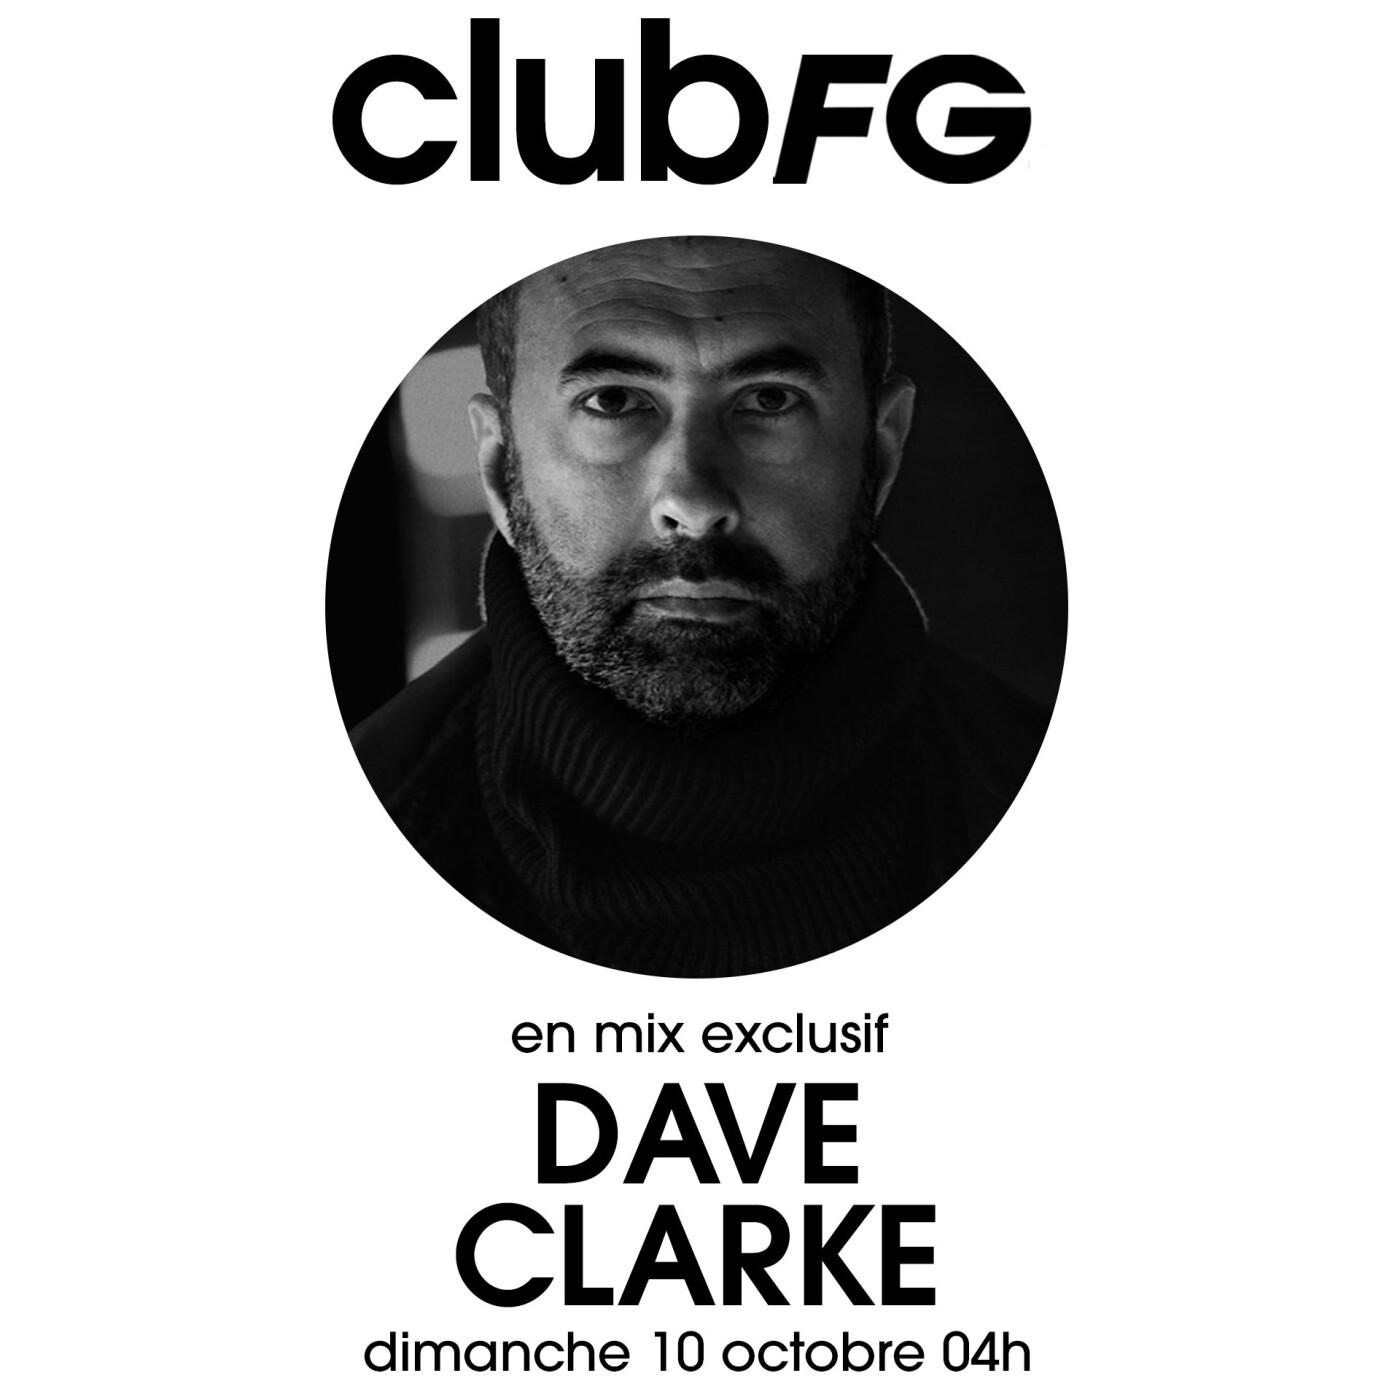 CLUB FG : DAVE CLARKE